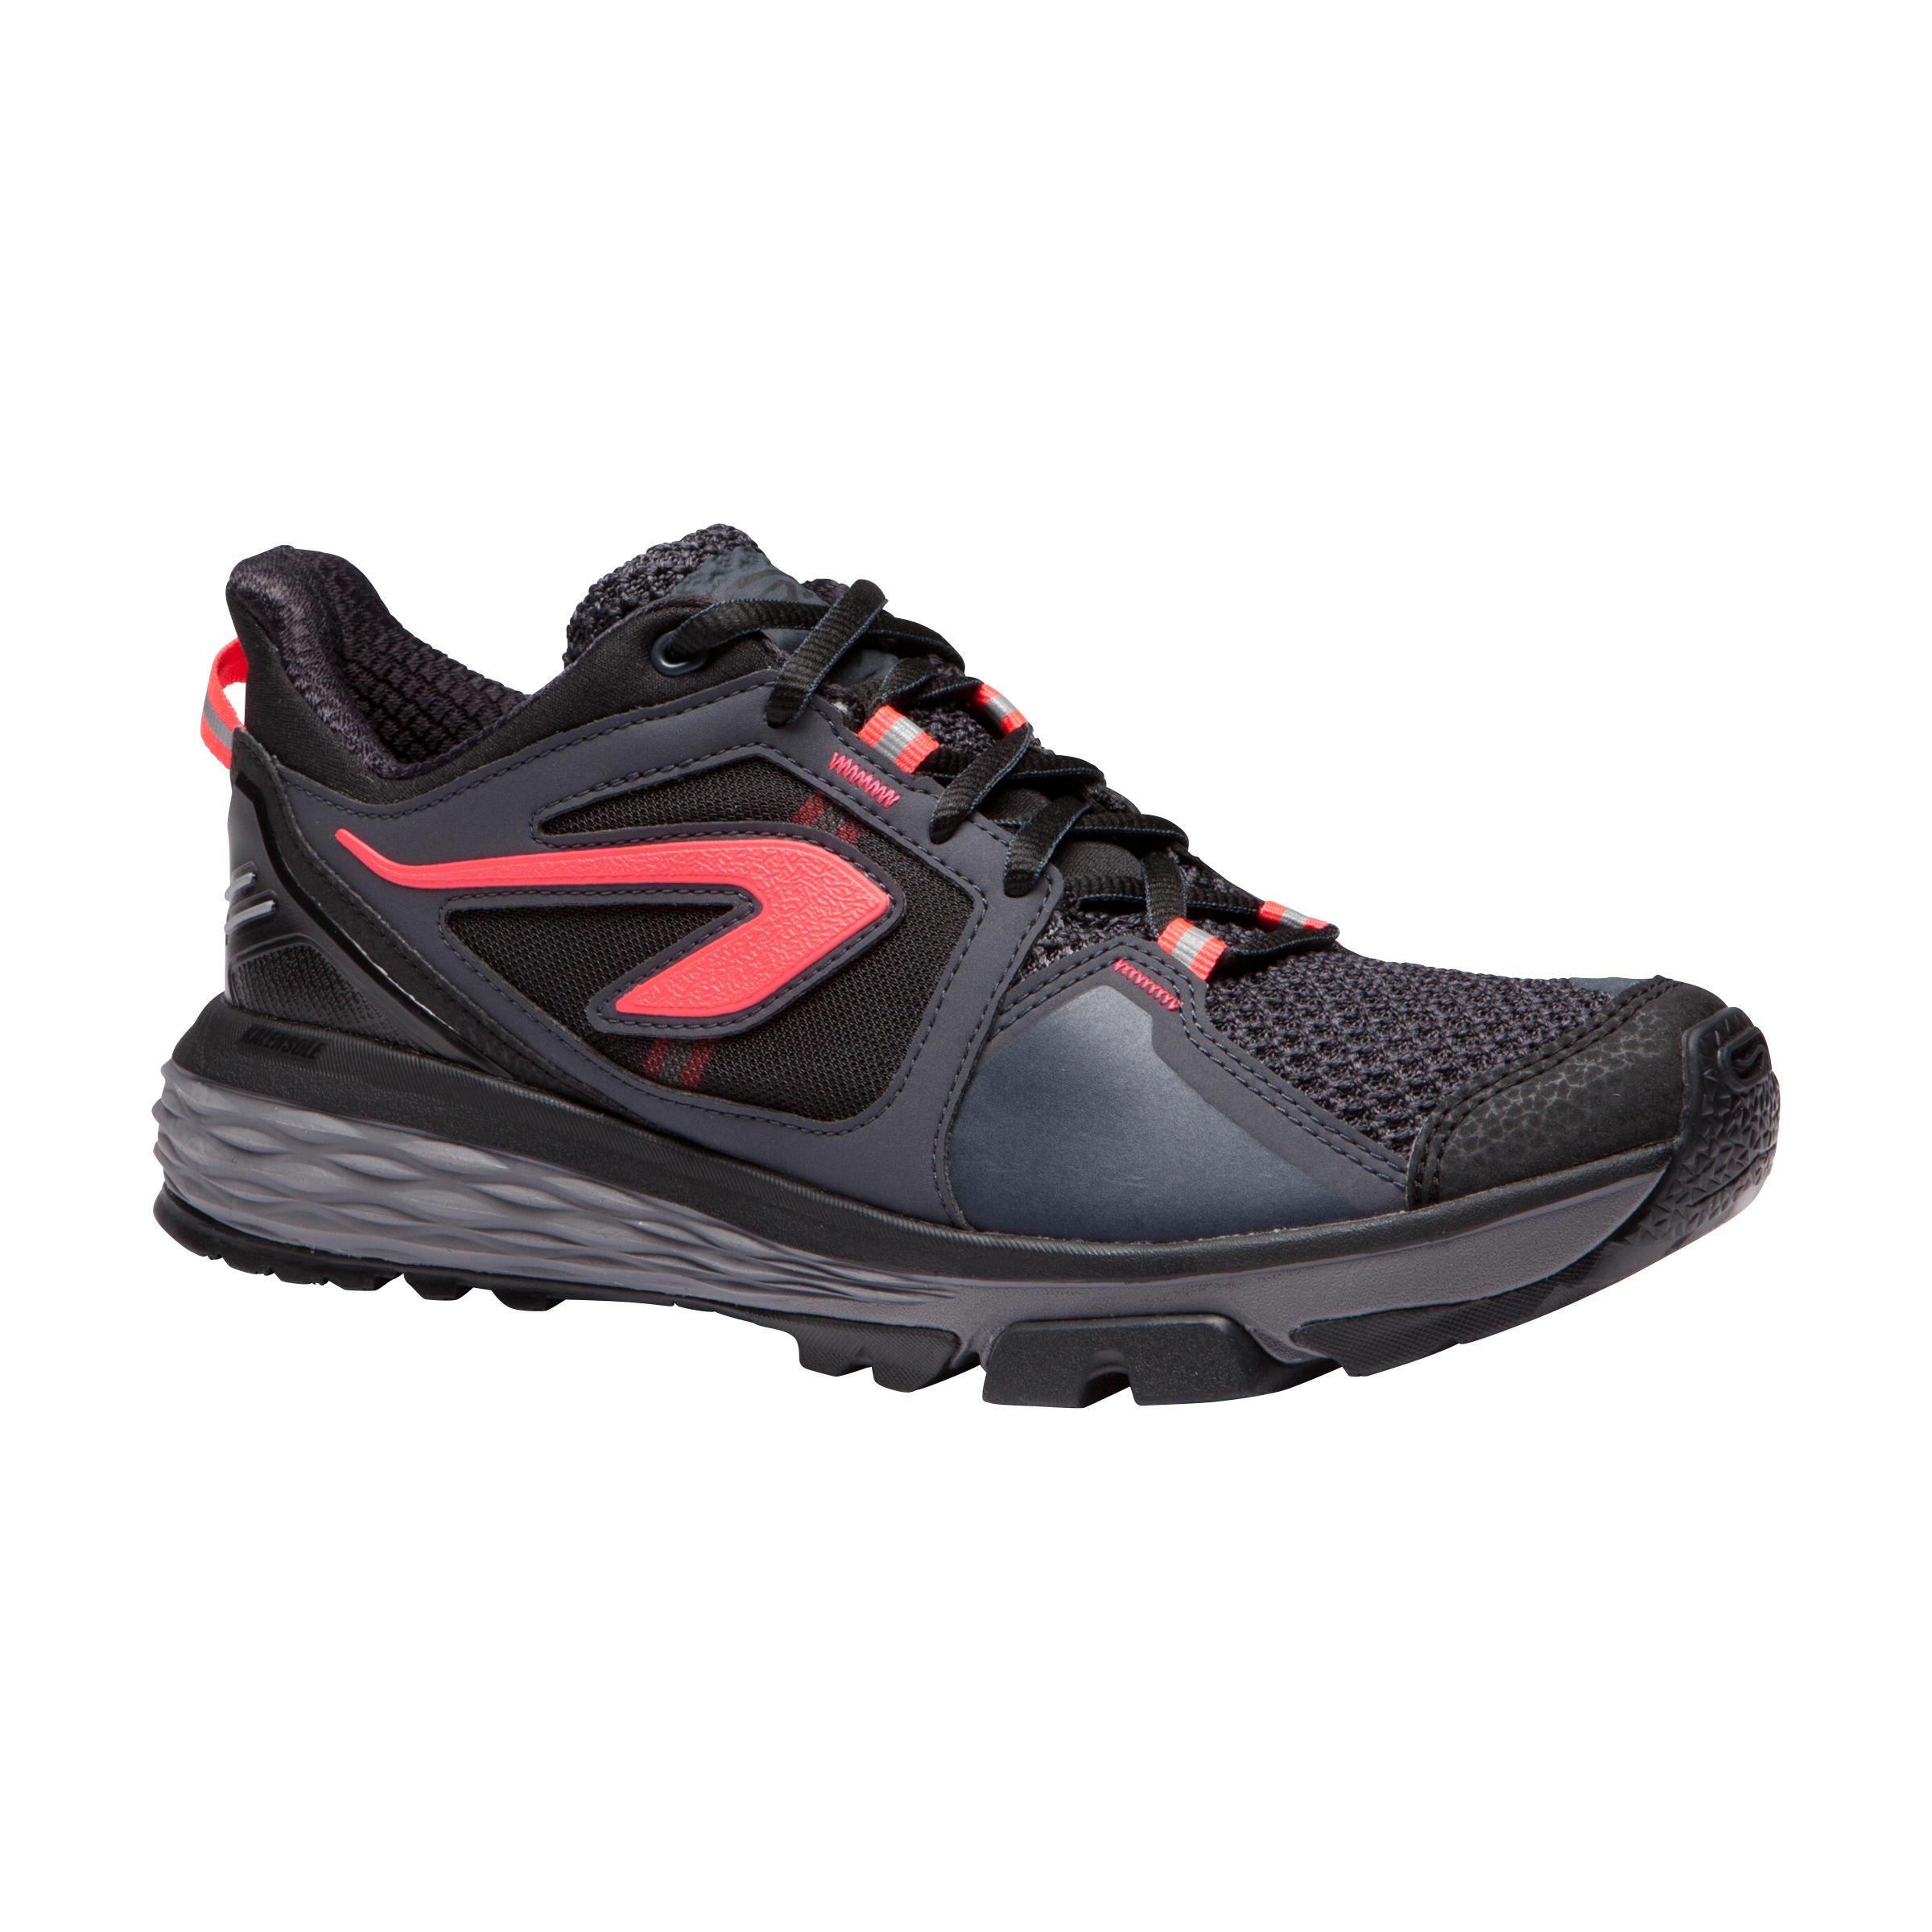 Kalenji Joggingschoenen voor dames Run Comfort Grip bordeaux/koraalrood